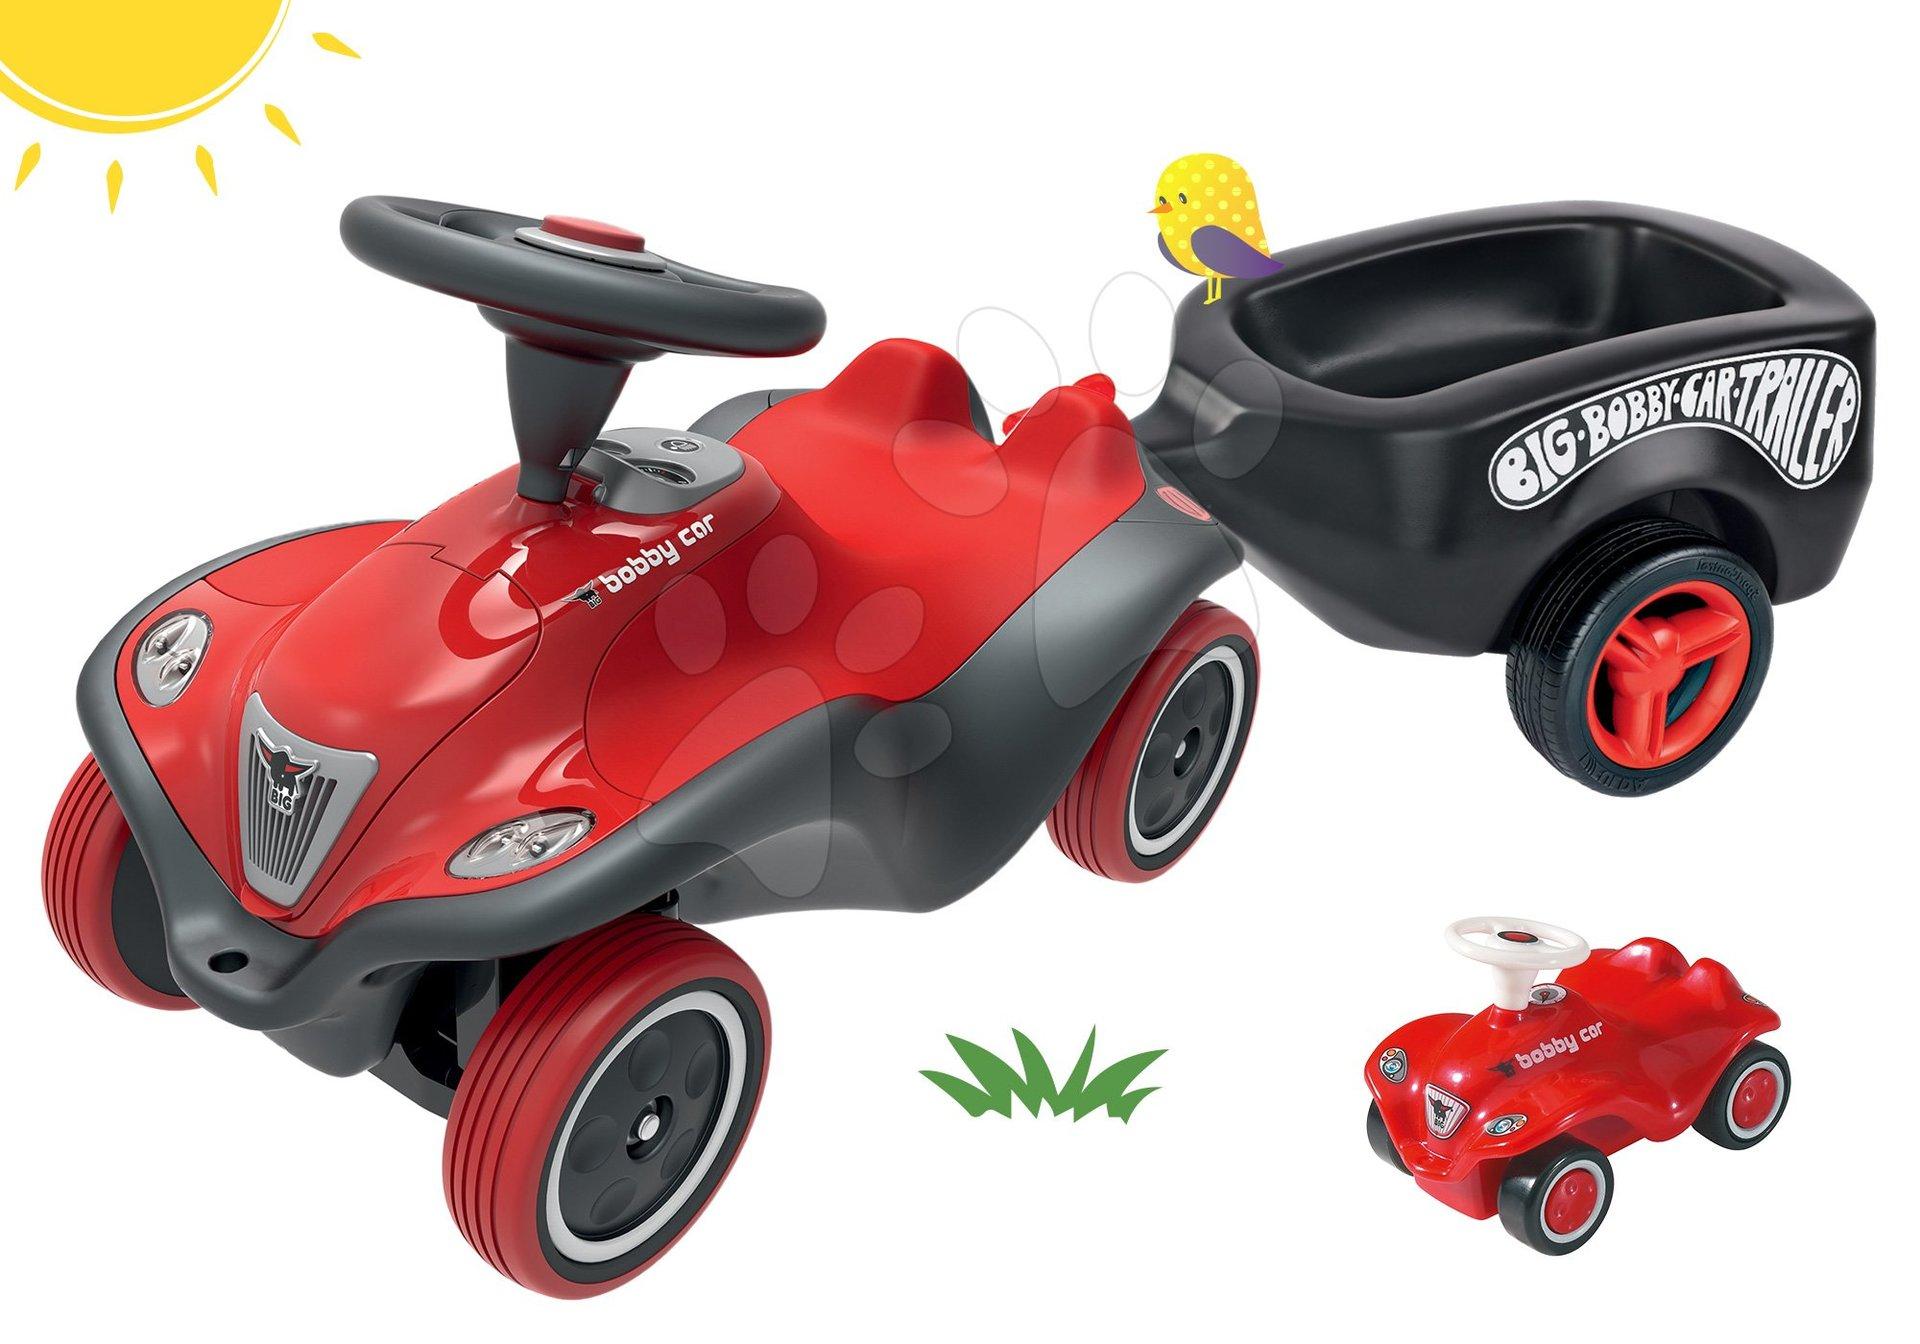 Poganjalci kompleti - Komplet poganjalec avto Next Bobby Car BIG rdeč in ovalna črna prikolica z mini avtomobilčkom od 12 mes